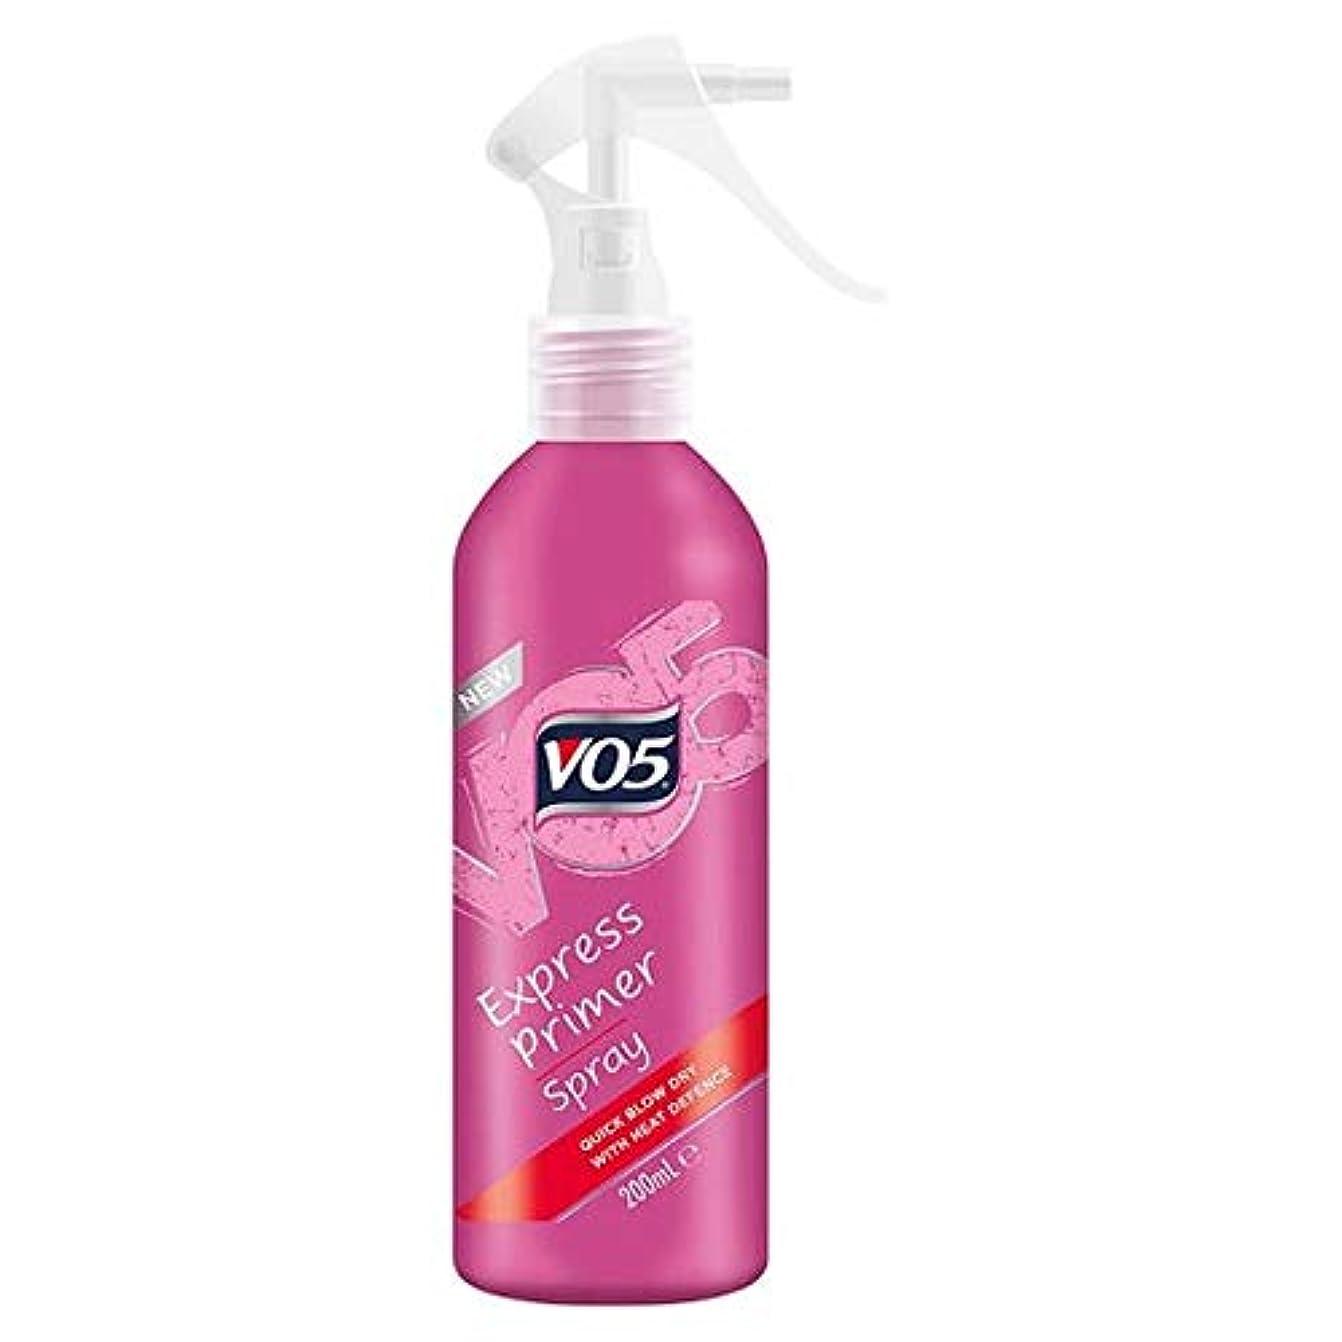 熱心なイノセンス良心的[Vo5] Vo5急行プライマースプレー200ミリリットル - Vo5 Express Primer Spray 200Ml [並行輸入品]